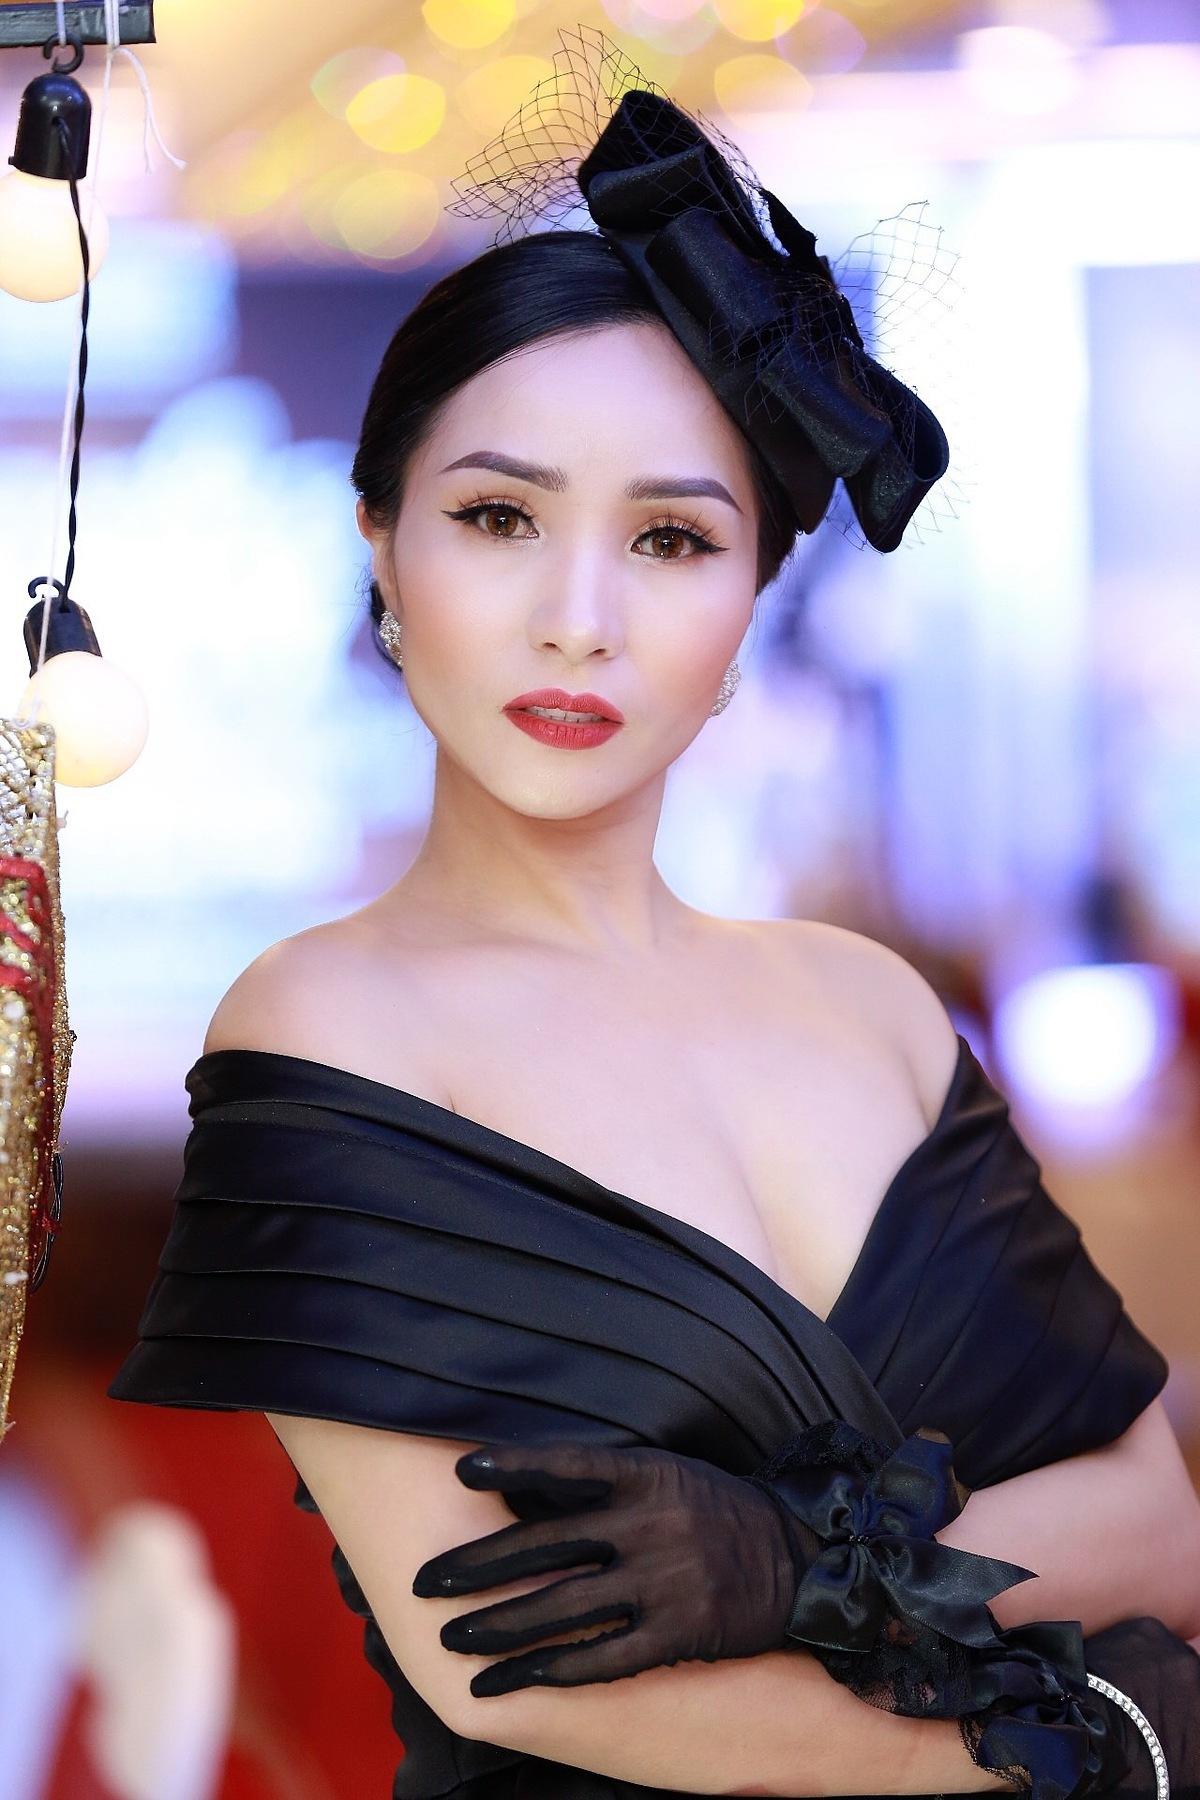 Tại sự kiện, doanh nhân Châu Loanchia sẻ những suy nghĩ, tình cảm của mình dành cho Á hậu Kim Jang Mi và chúc mừng áhậu ngày càng phát triển hơn nữa trong sự nghiệp của mình.